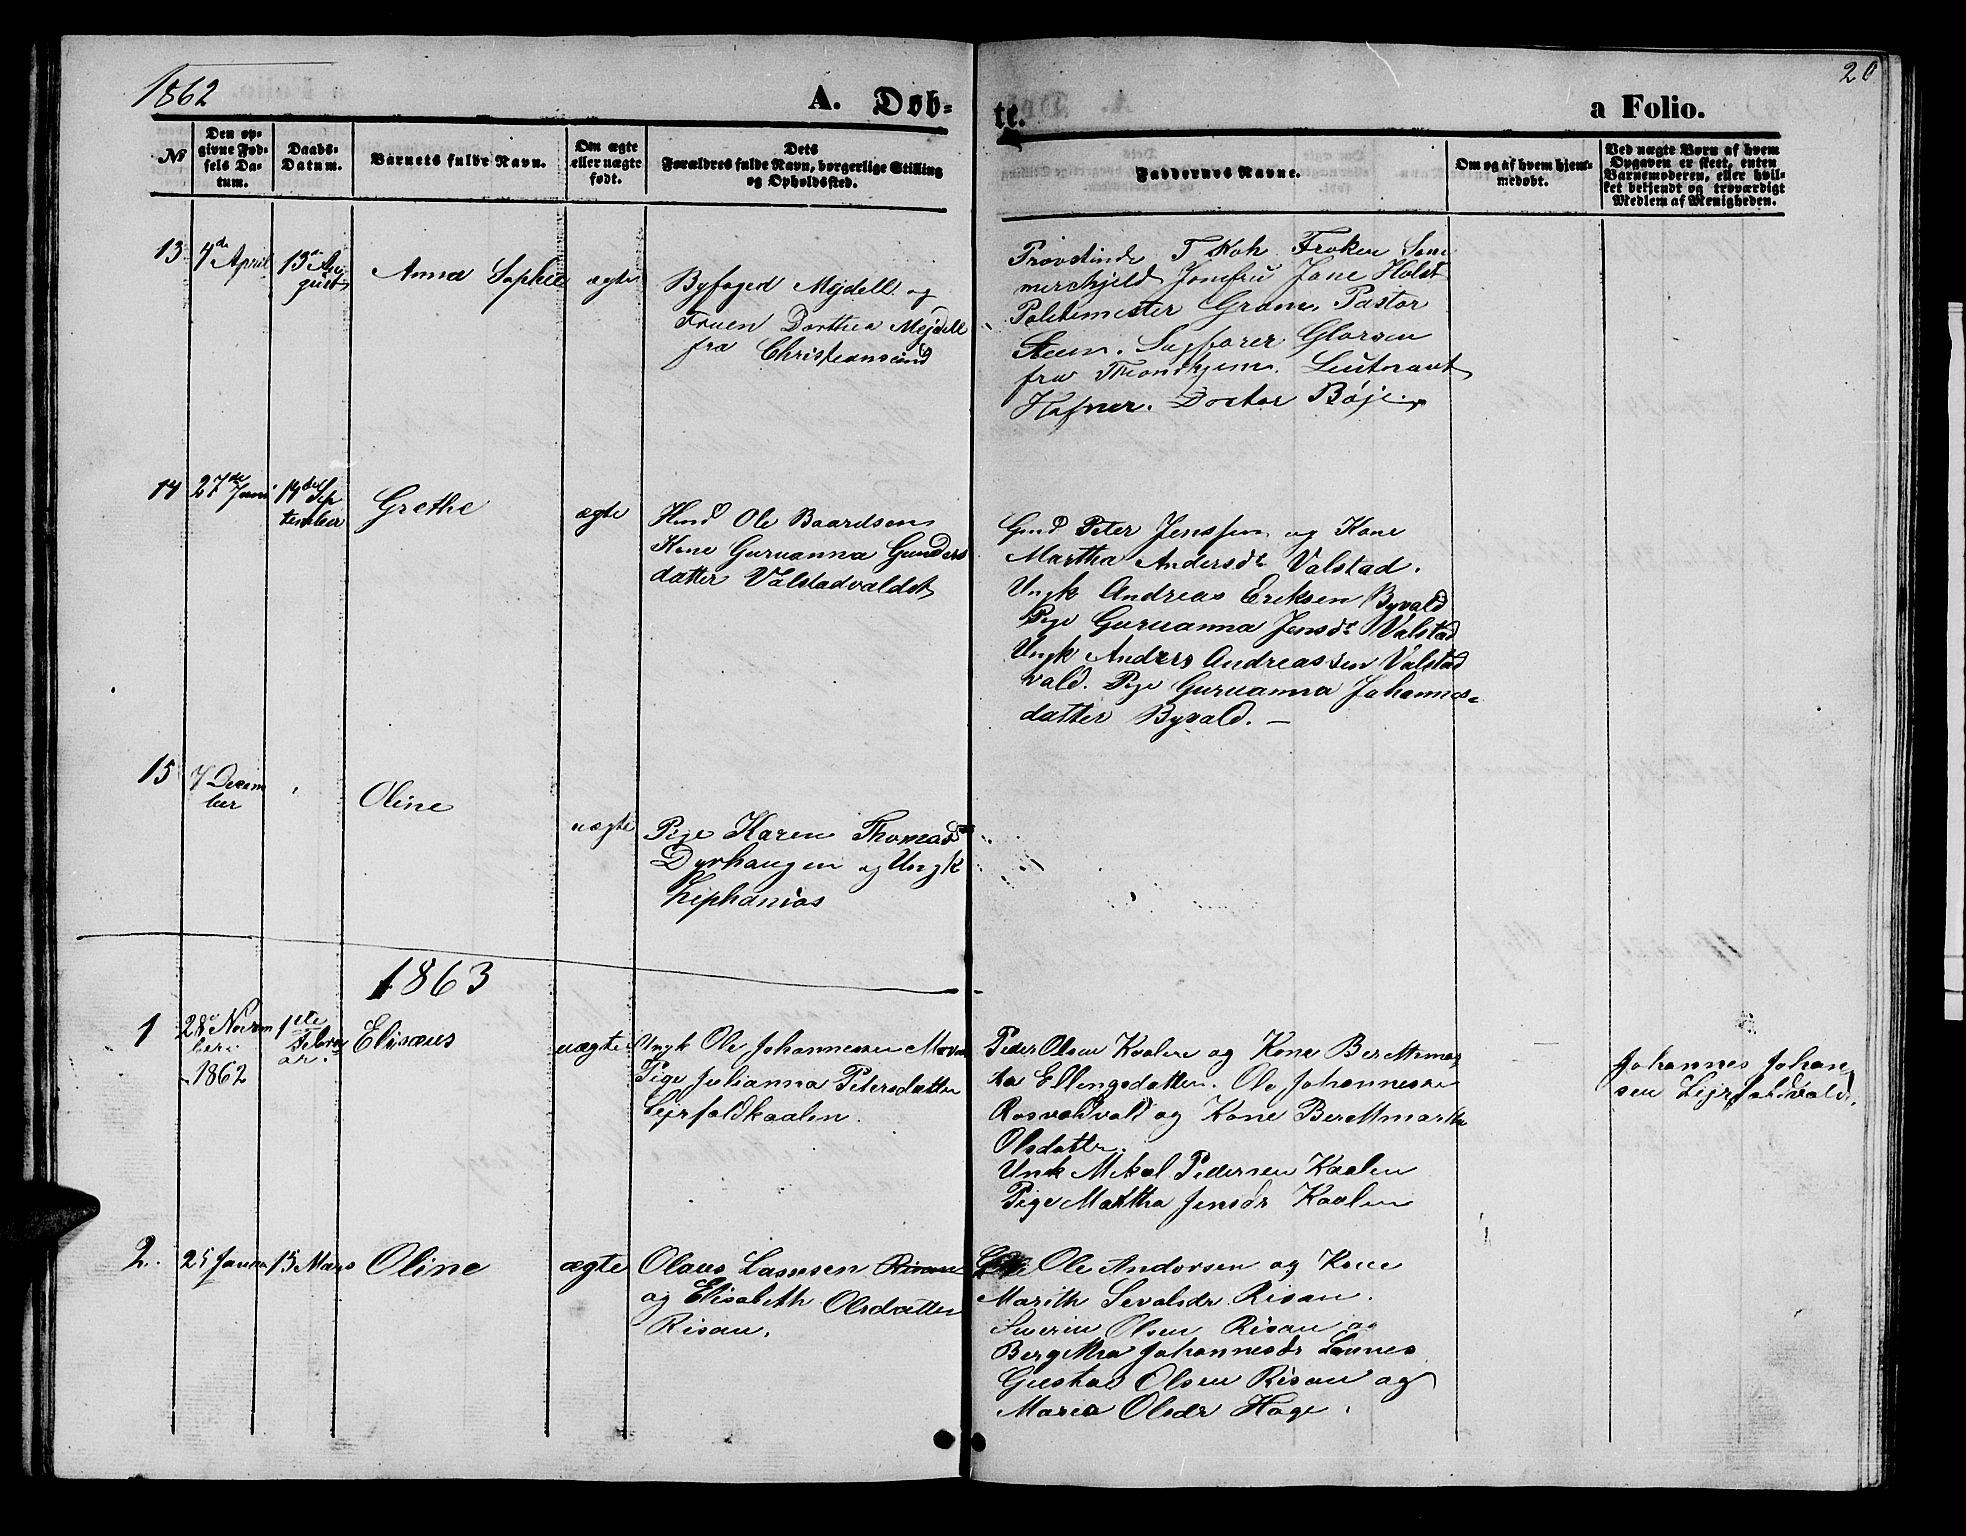 SAT, Ministerialprotokoller, klokkerbøker og fødselsregistre - Nord-Trøndelag, 726/L0270: Klokkerbok nr. 726C01, 1858-1868, s. 20